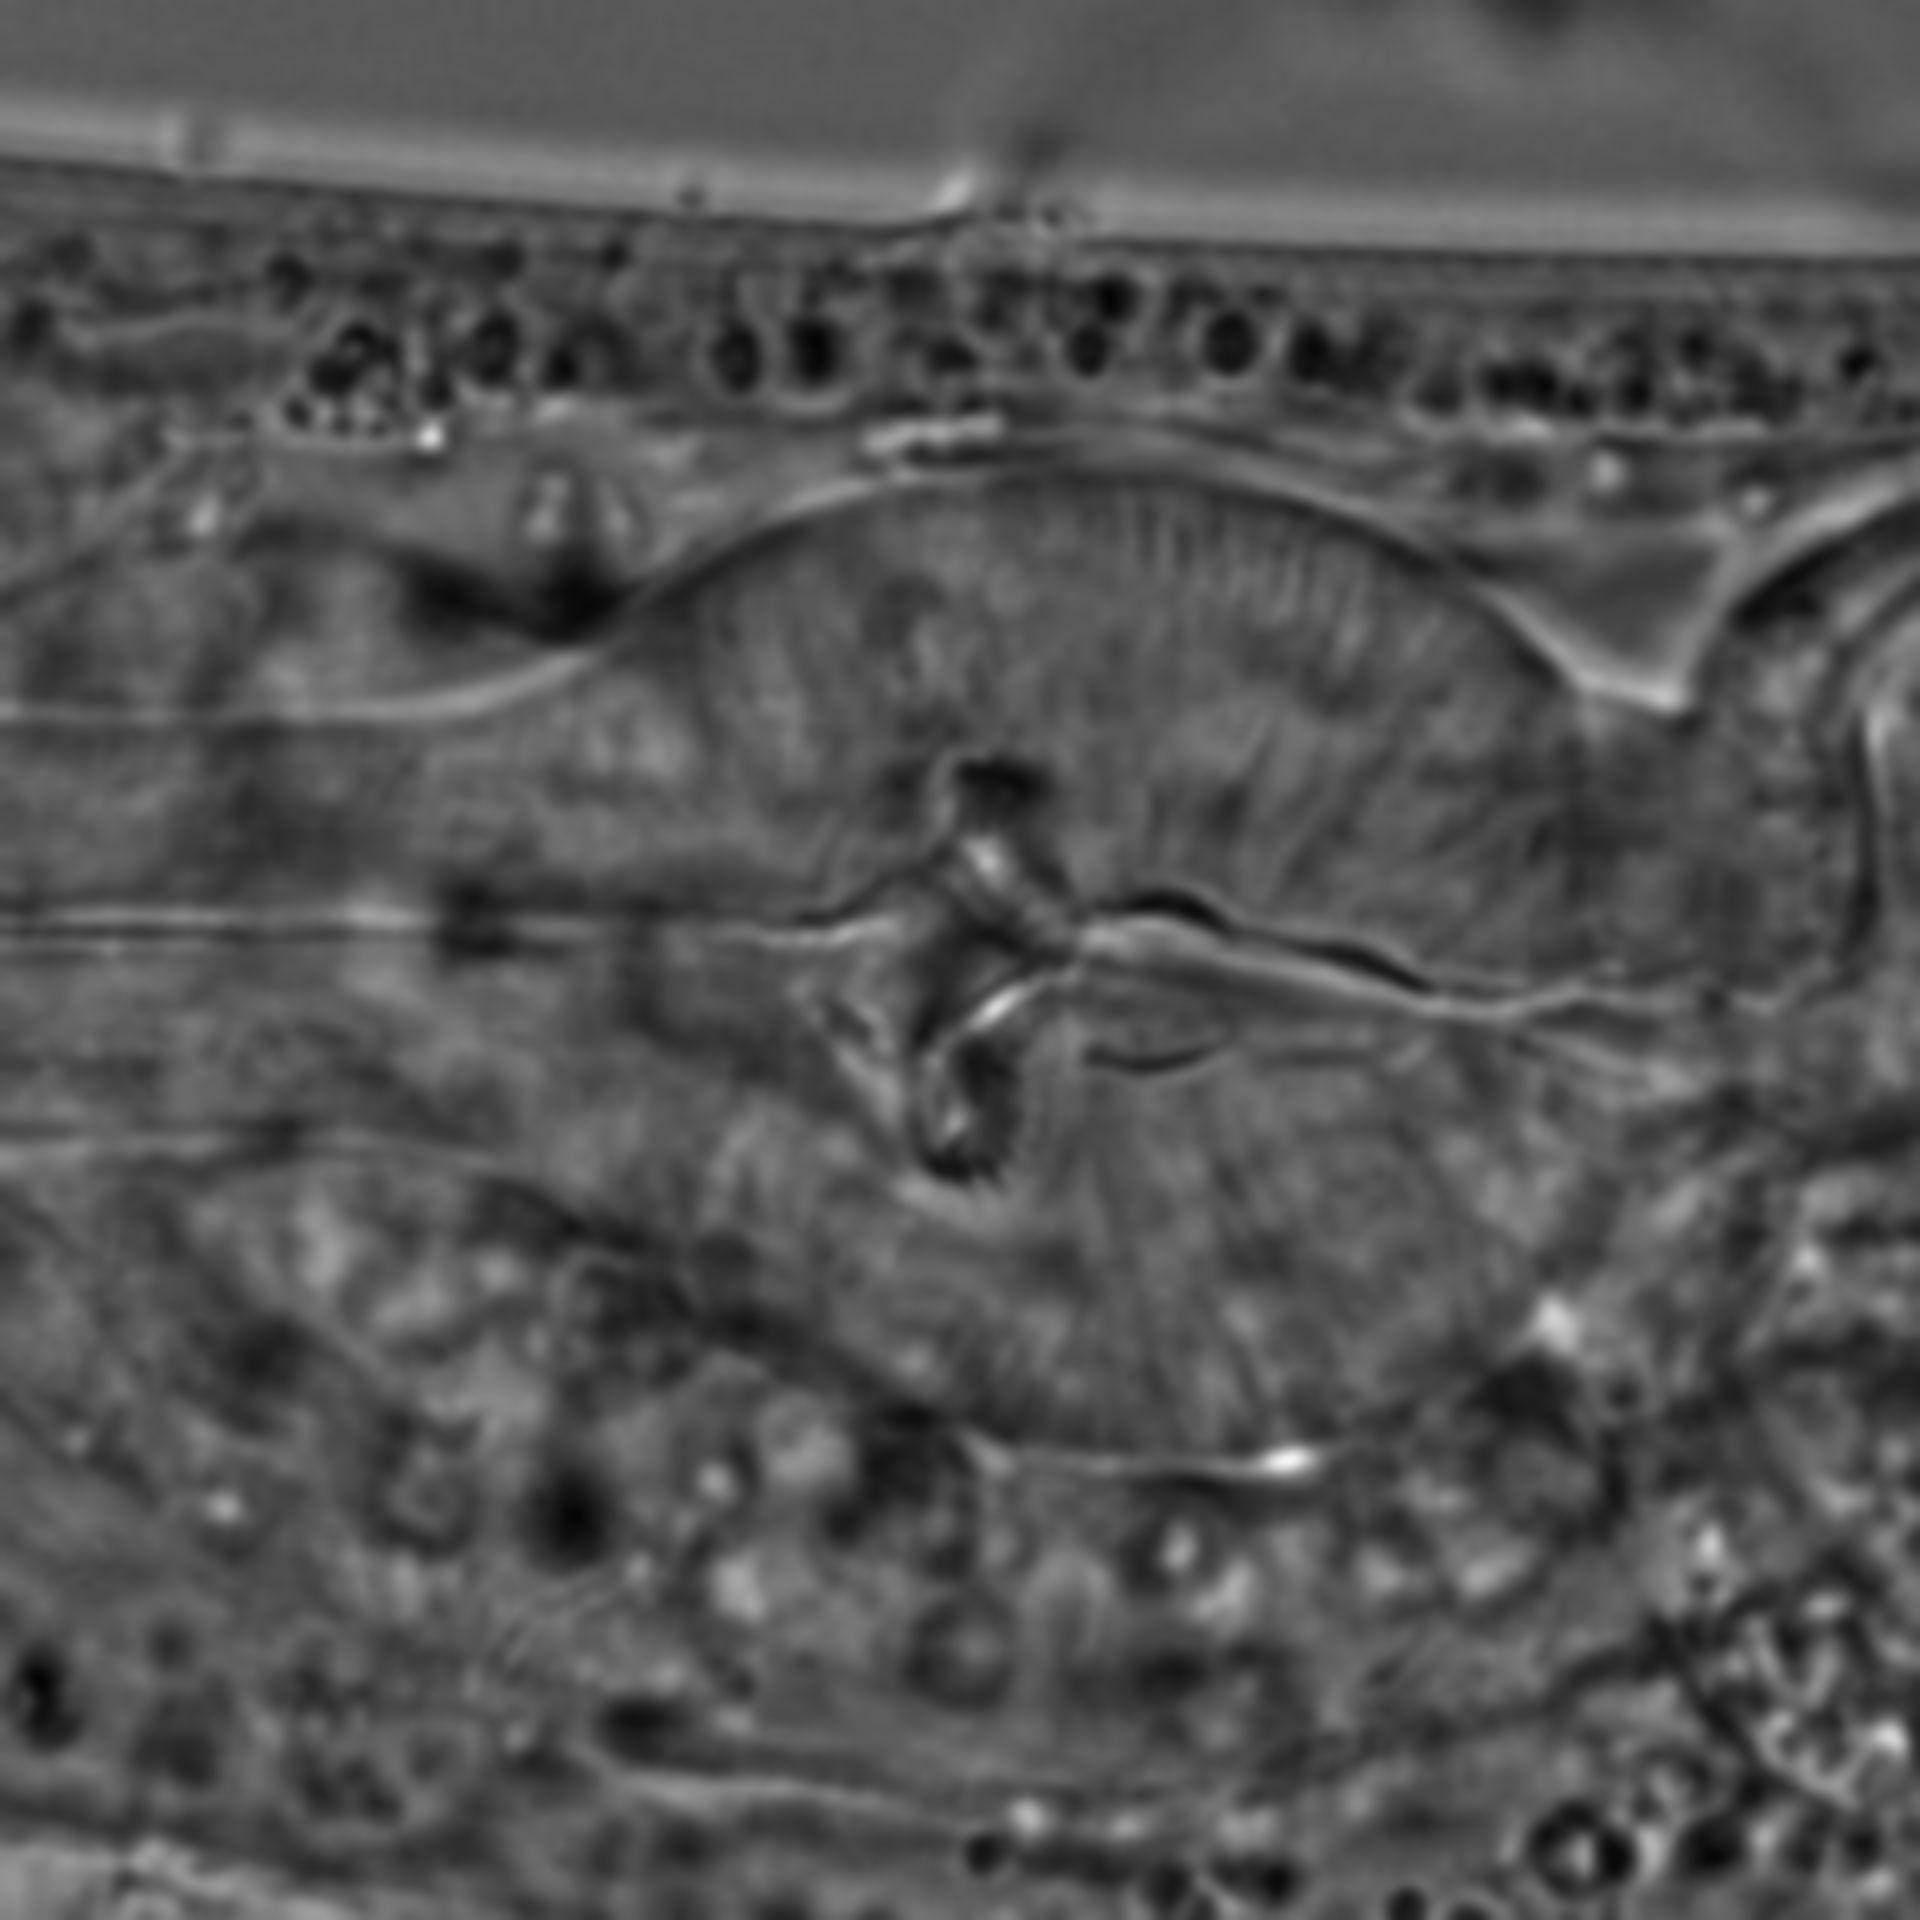 Caenorhabditis elegans - CIL:1663